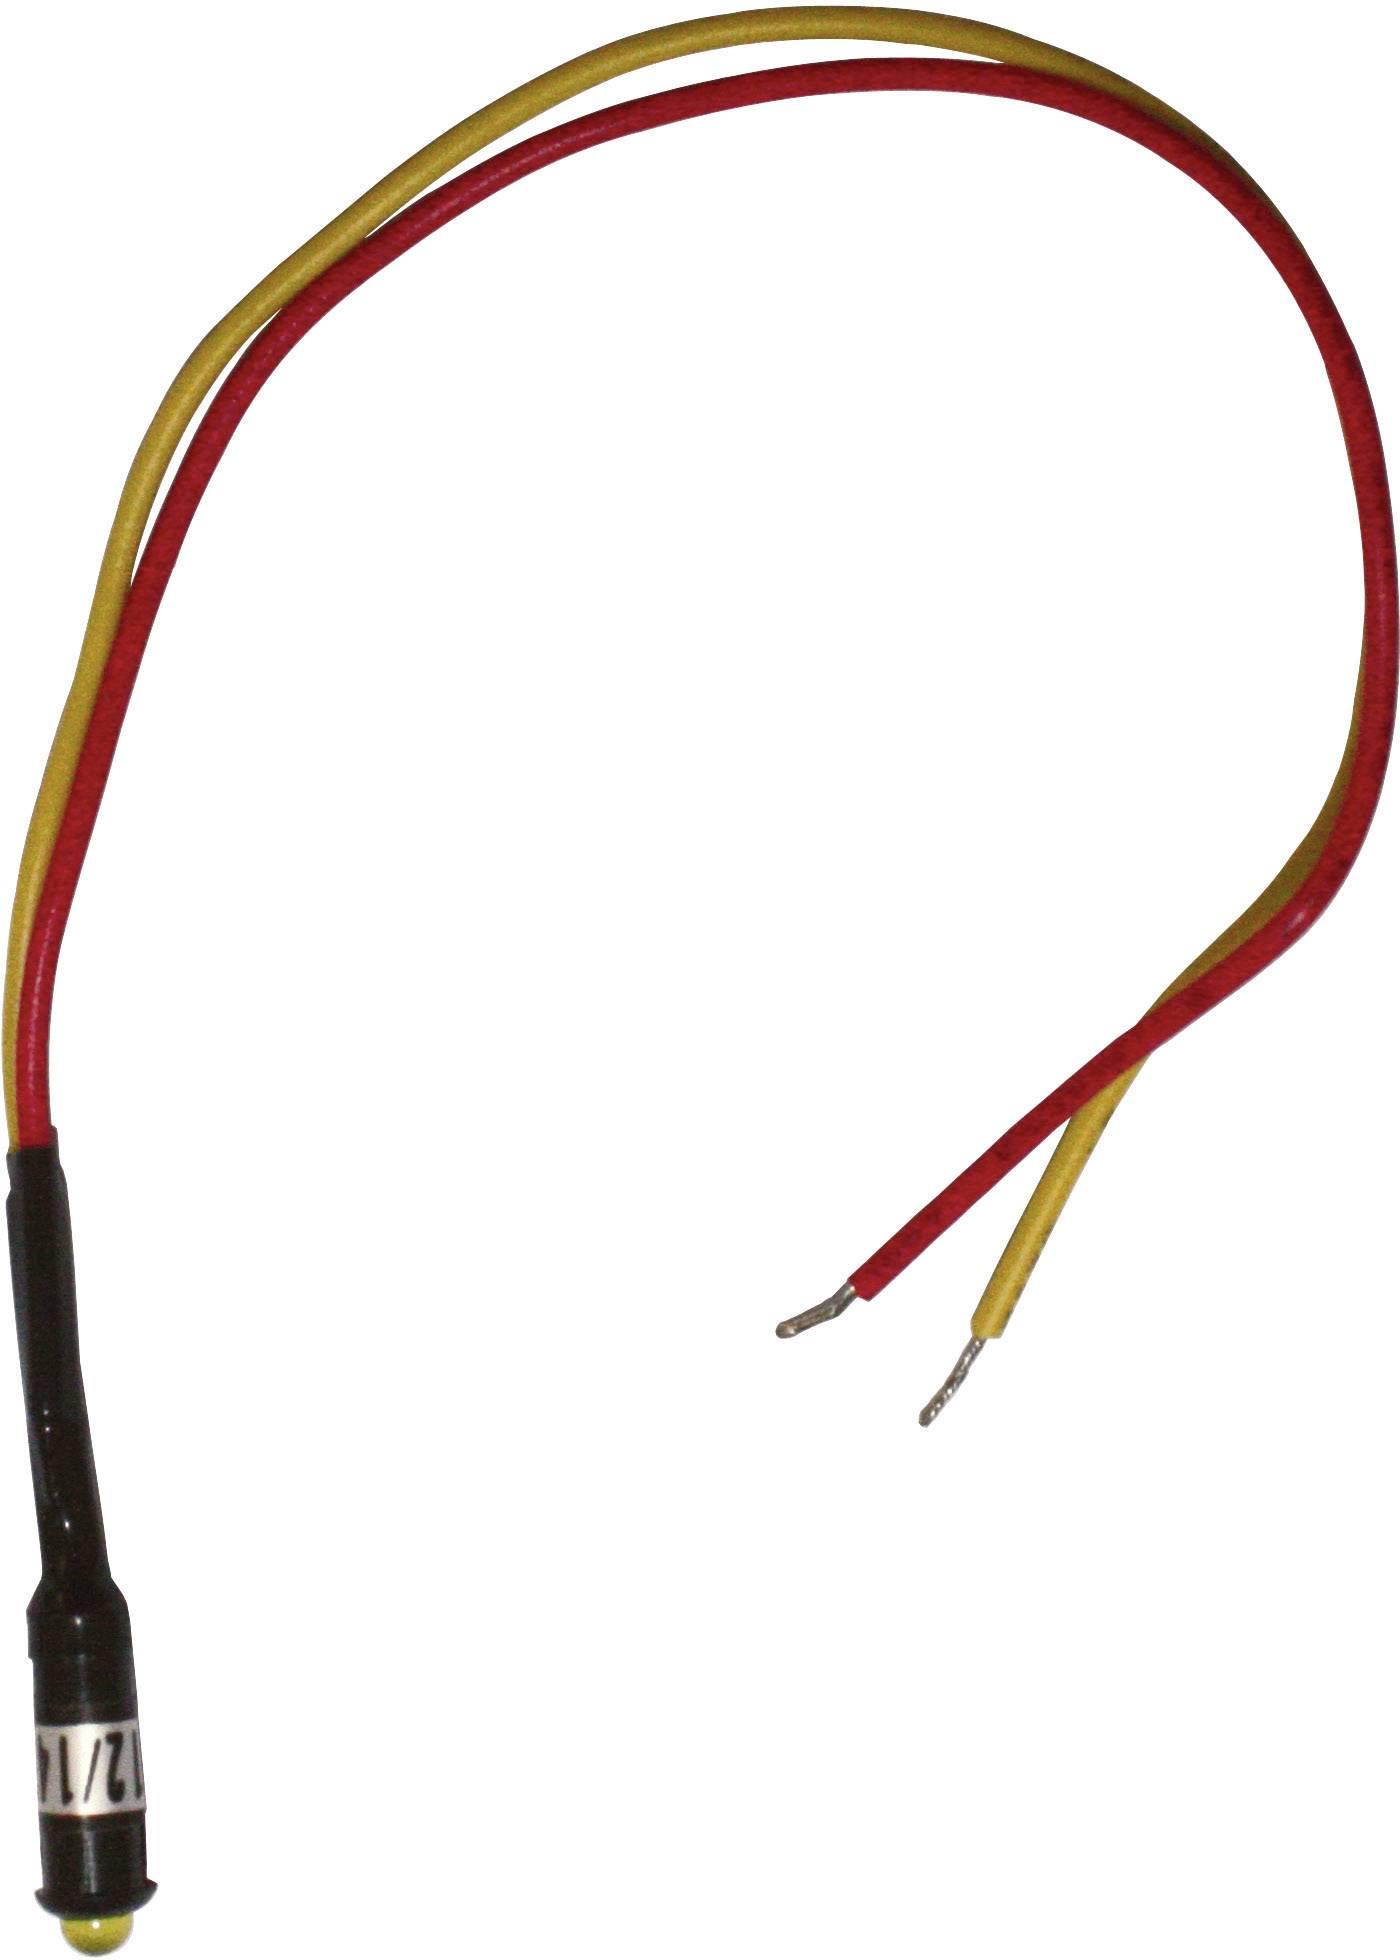 LED signálka Barthelme 52031411, 12 V/DC, červená